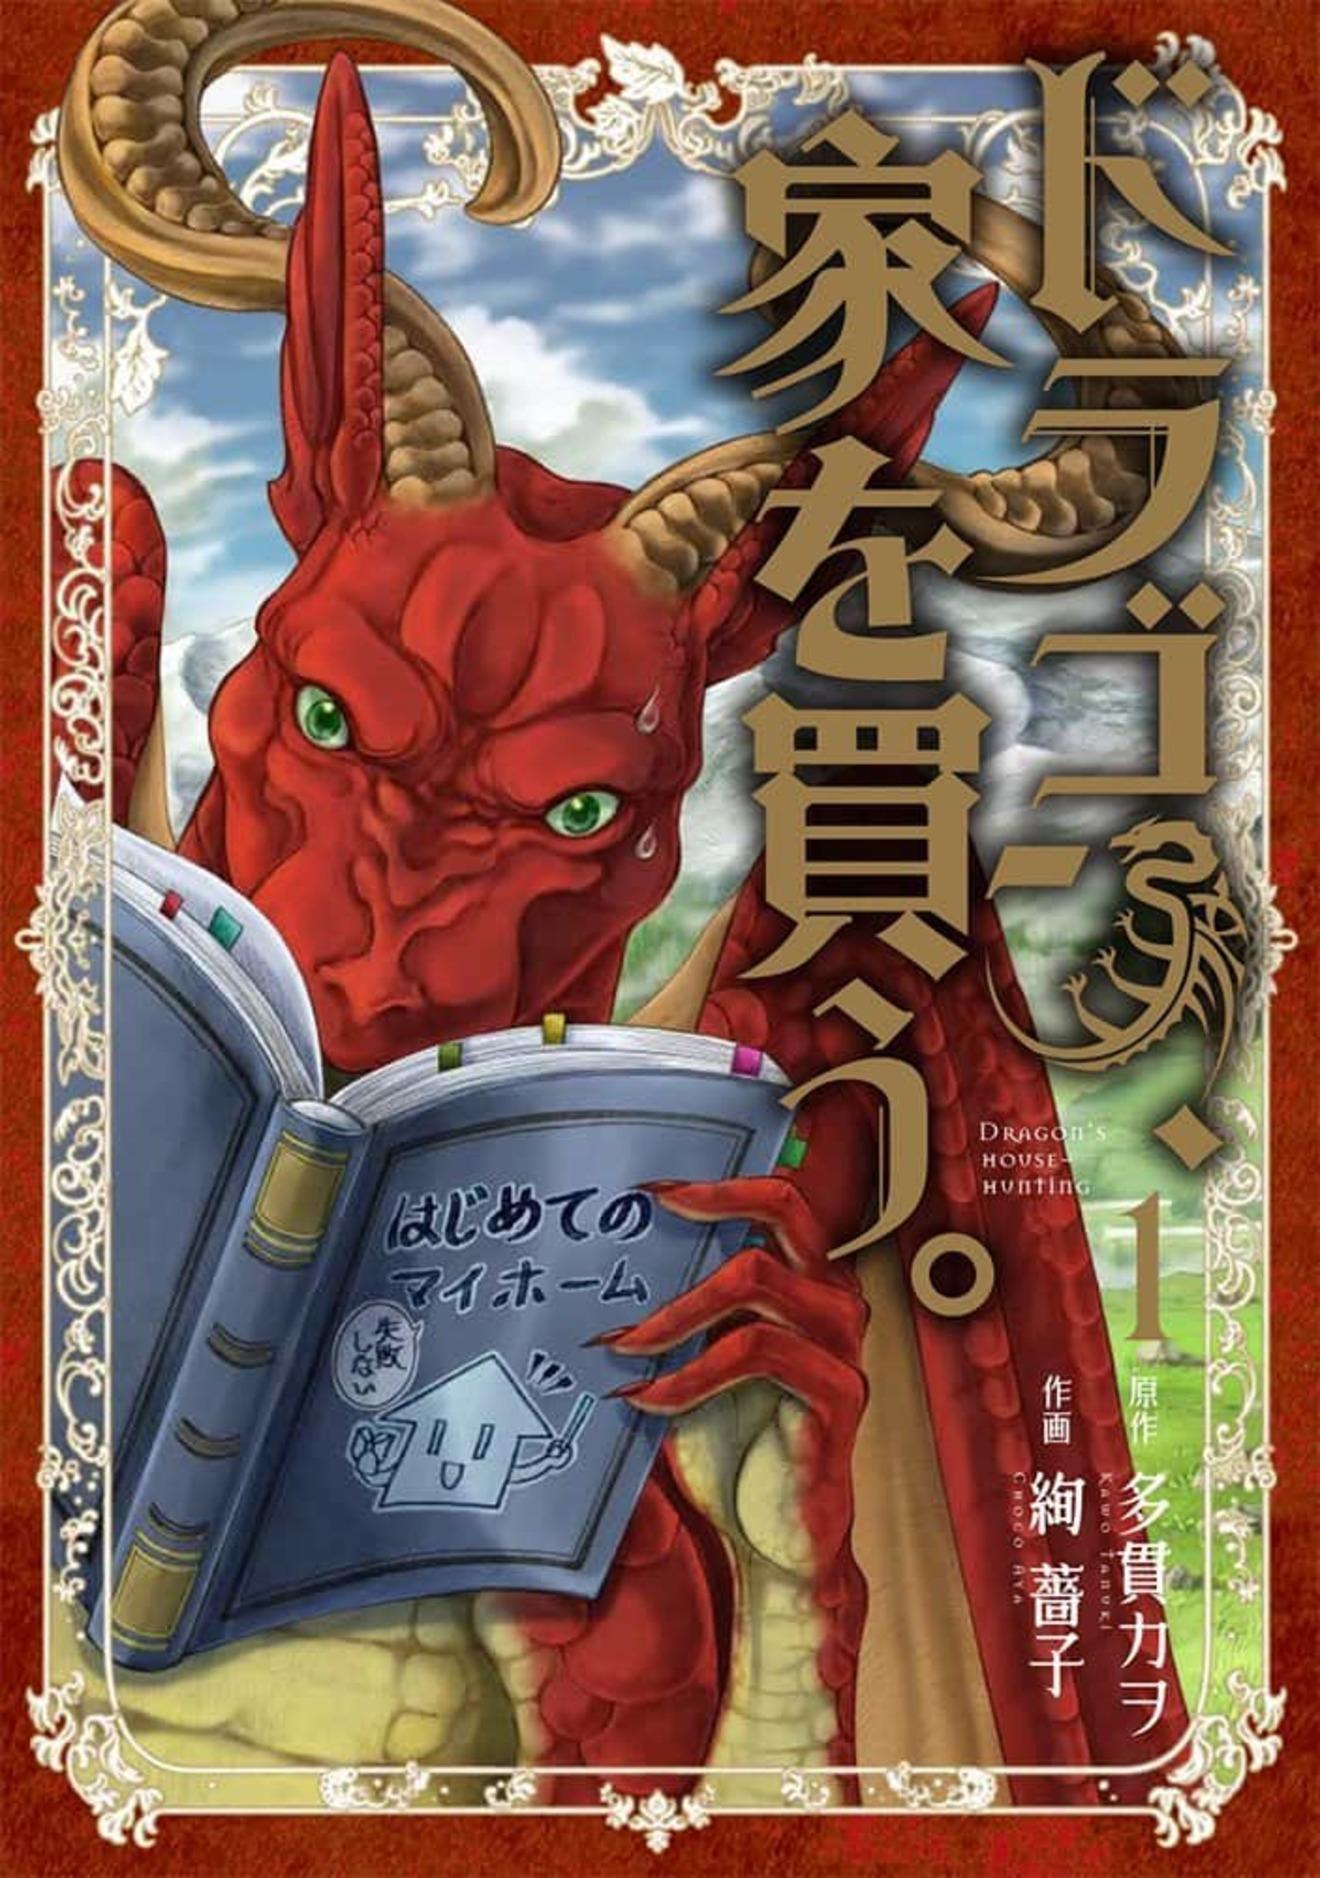 『ドラゴン、家を買う。』アニメ化前に押さえたい3の見所!5巻ネタバレ紹介